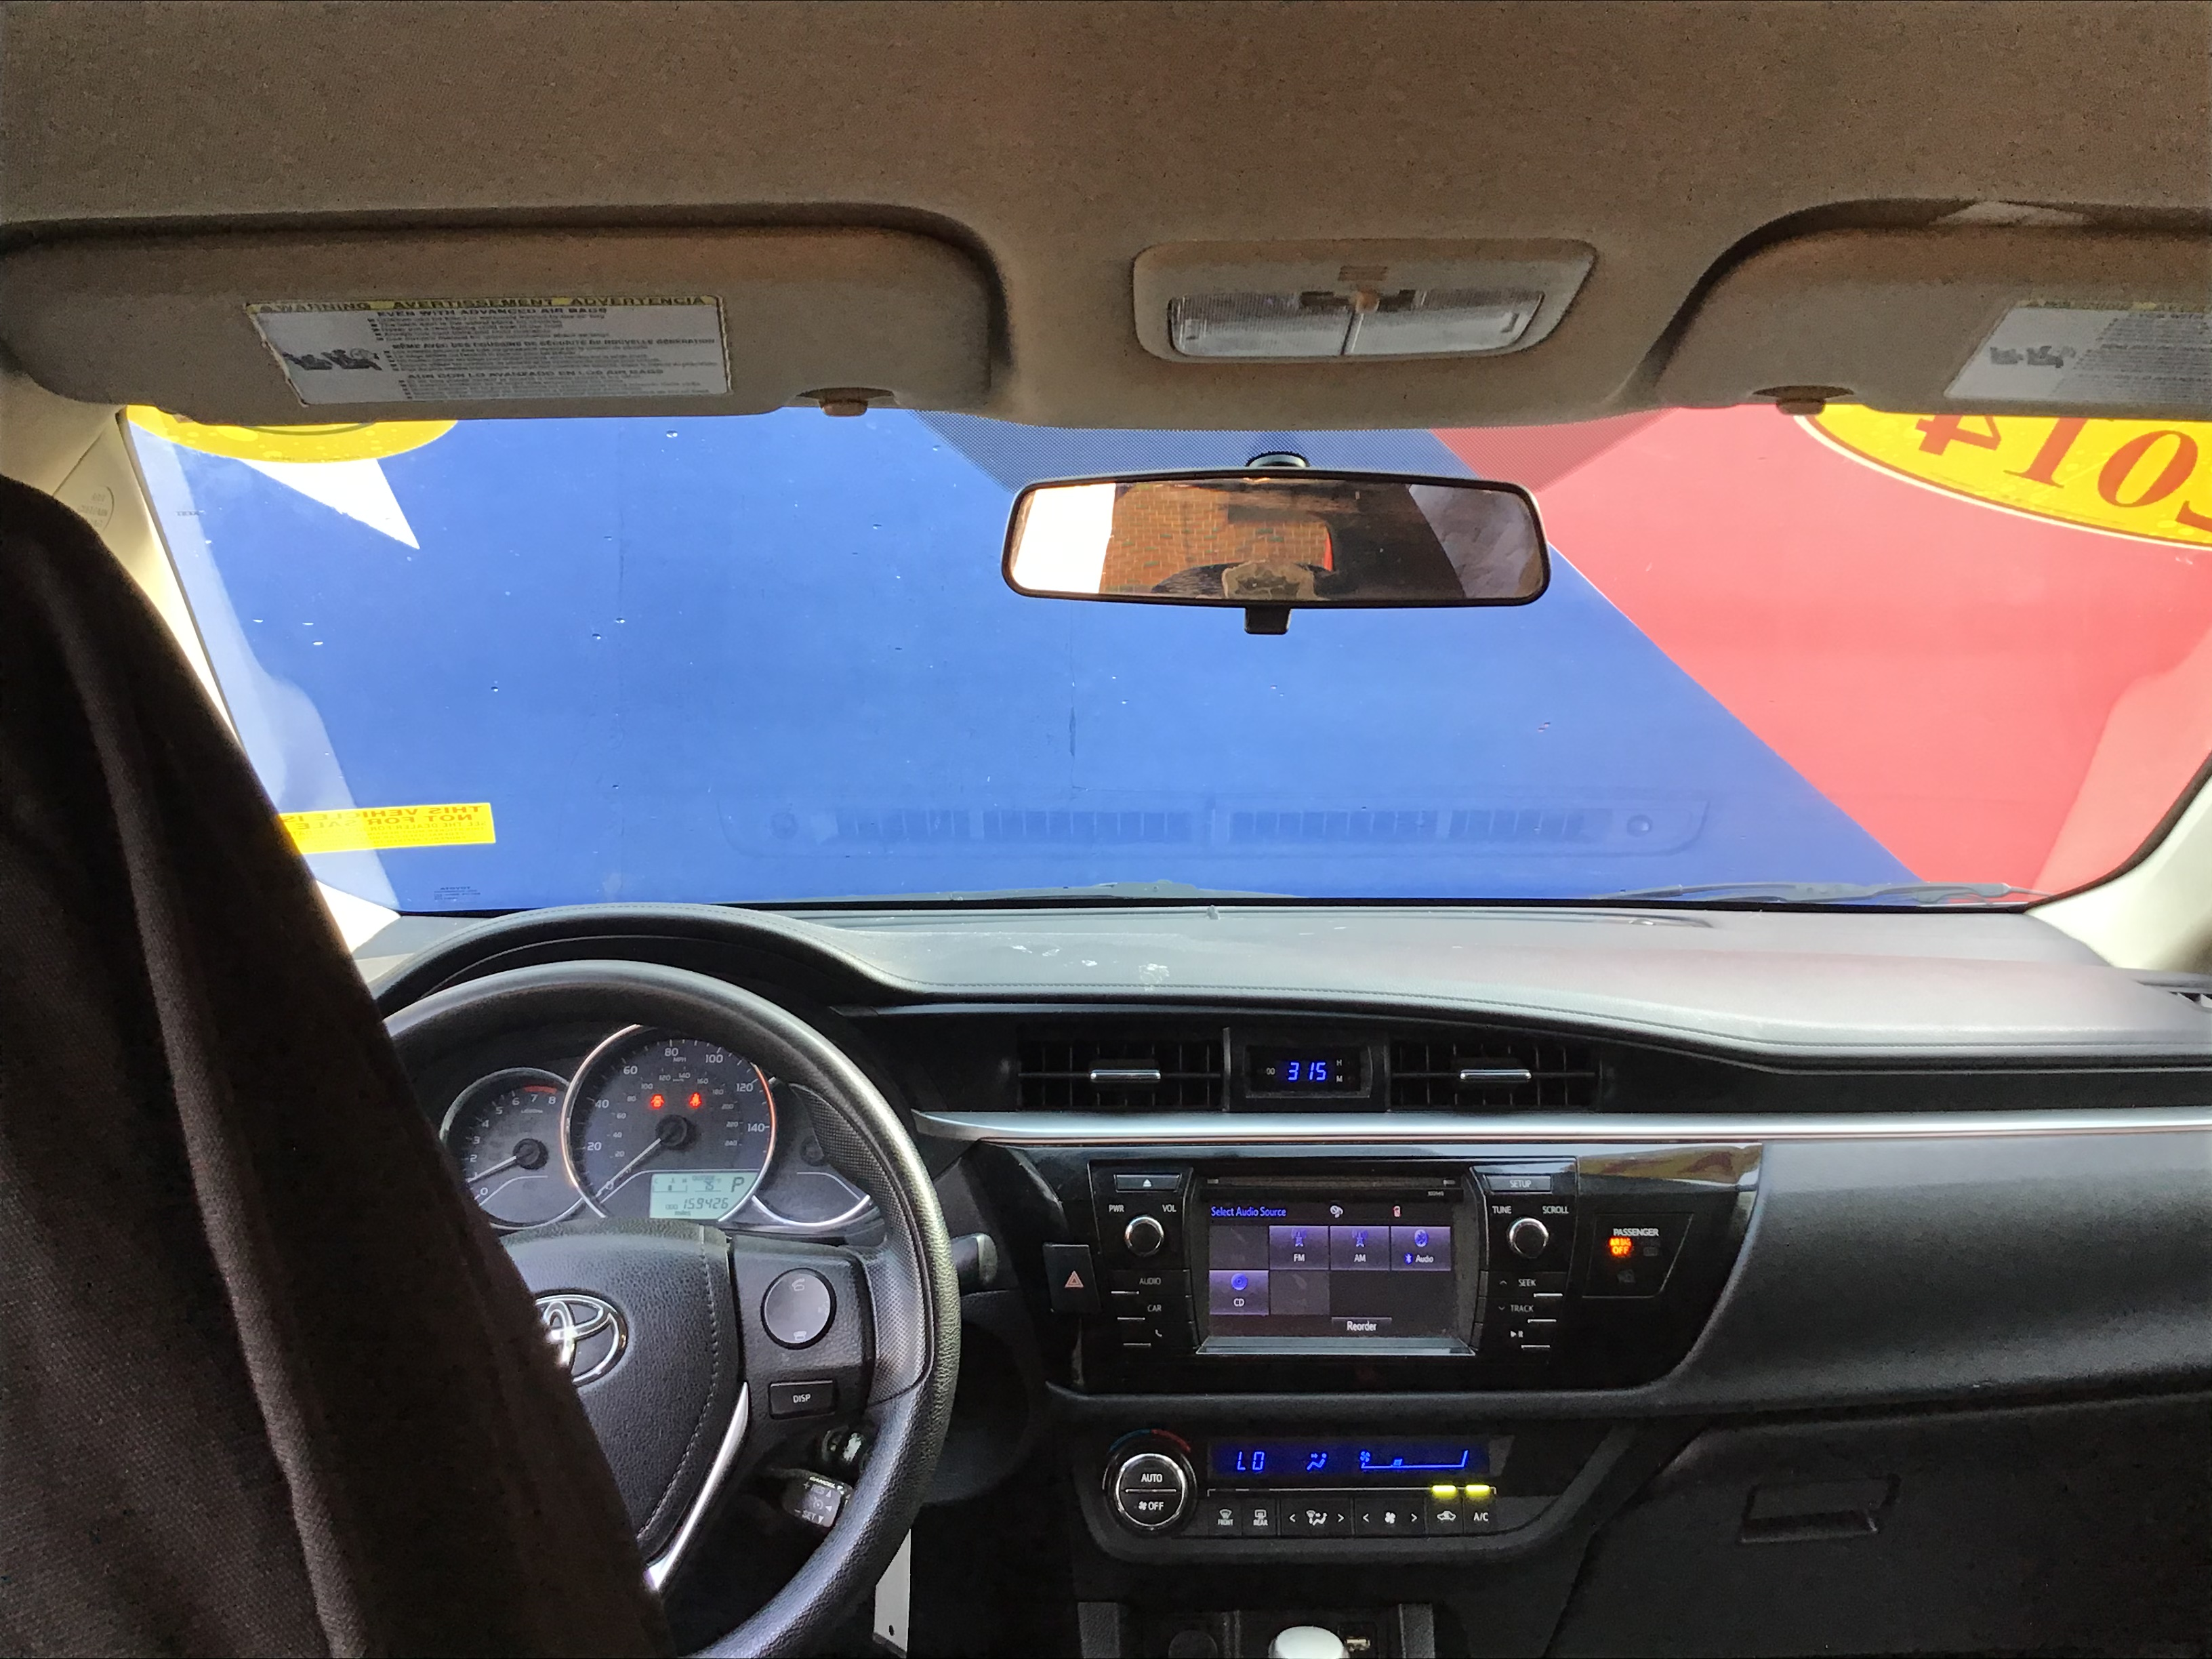 used vehicle - Sedan TOYOTA COROLLA 2014